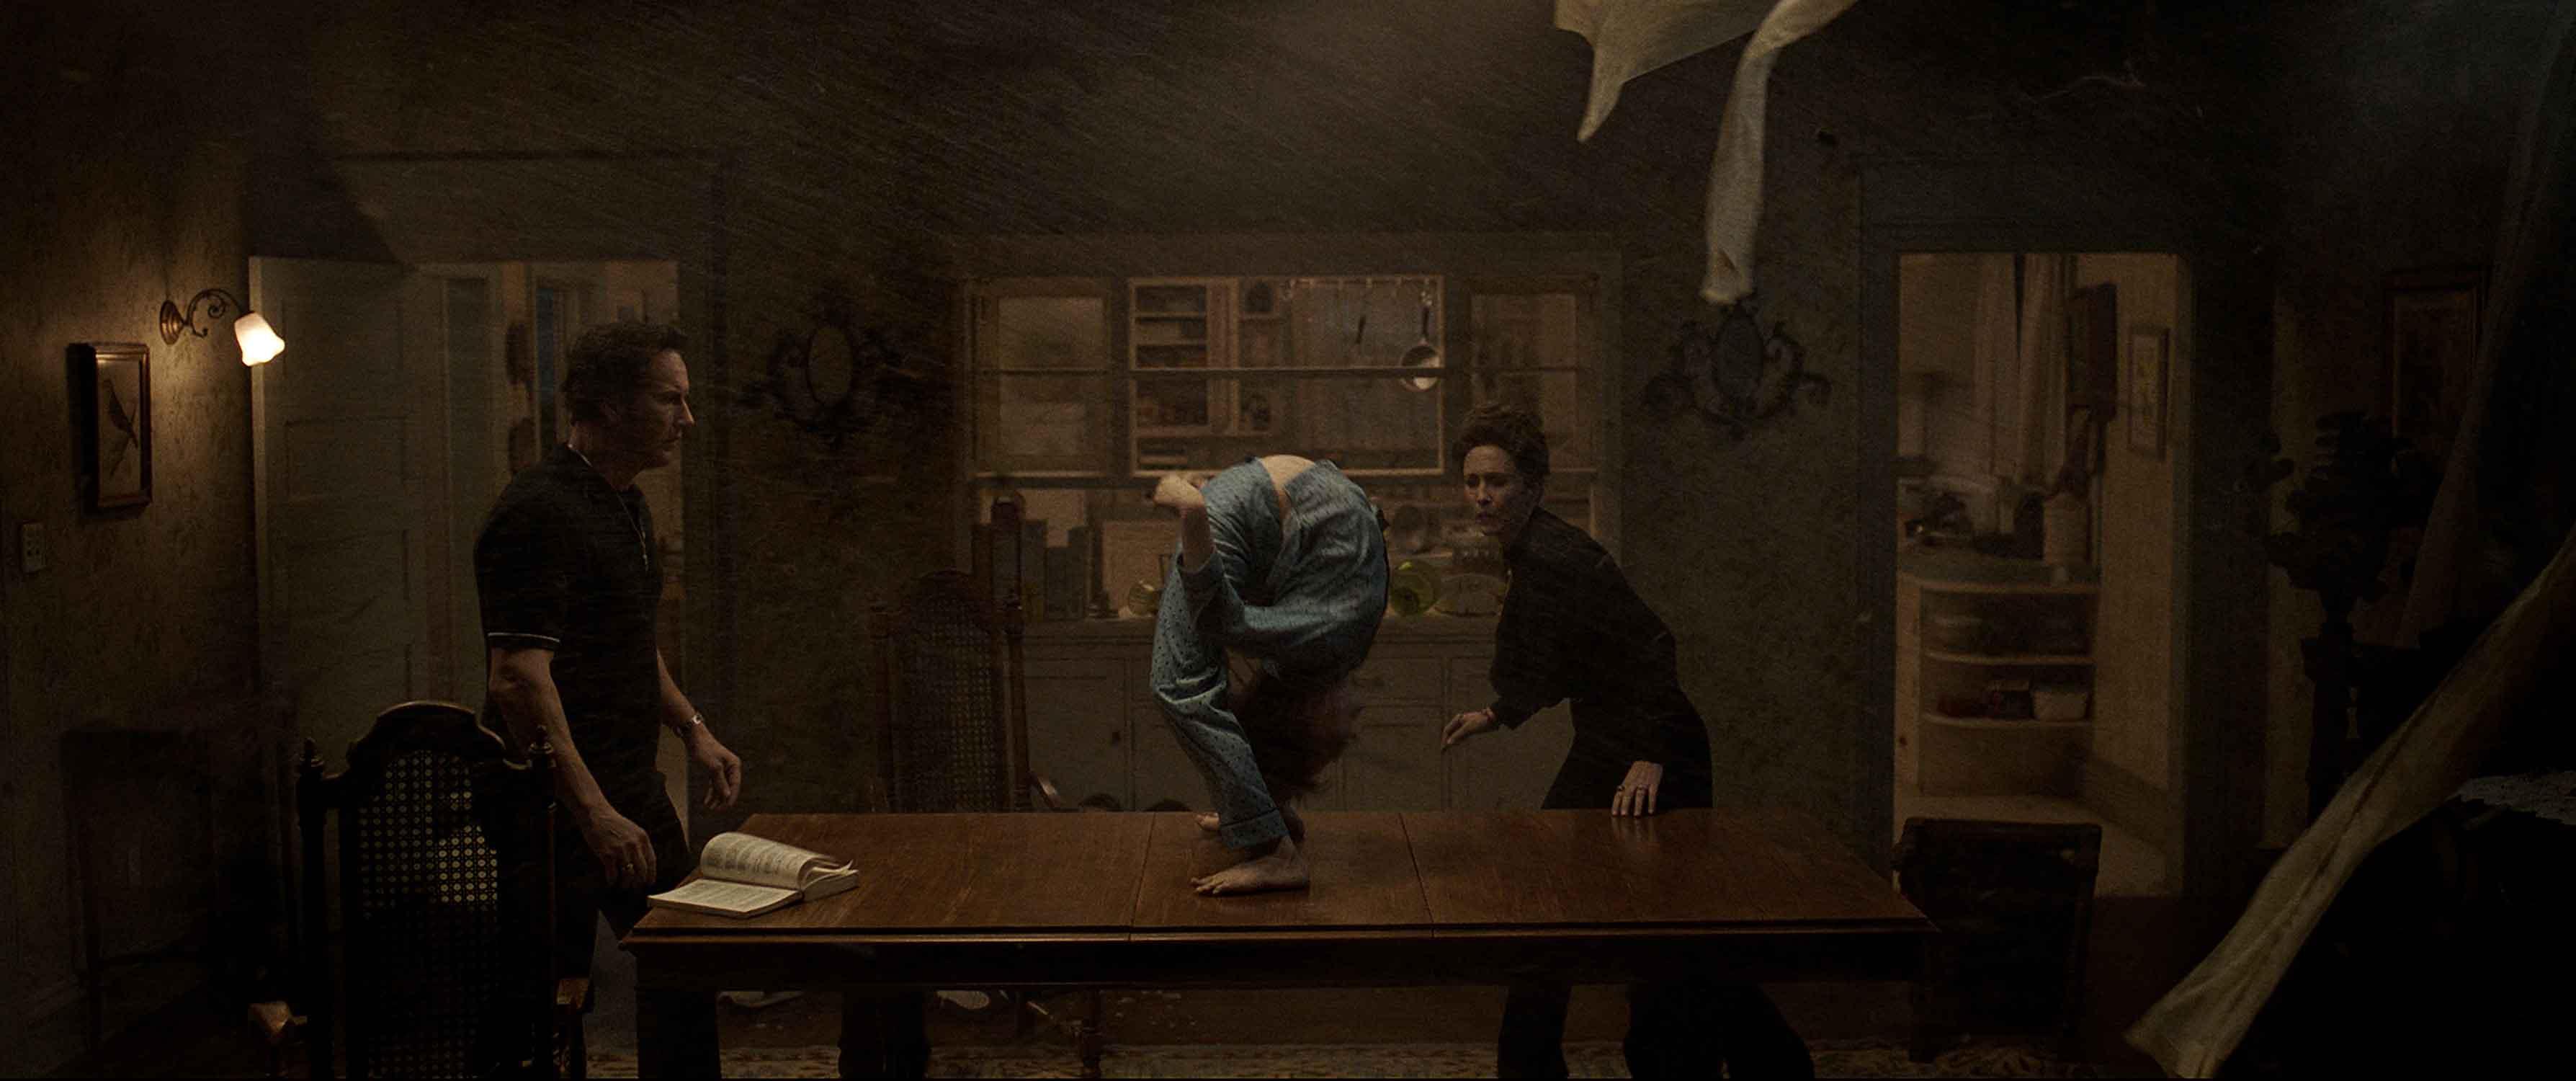 The Conjuring 3 - Per ordine del diavolo recensione film con Vera Farmiga e Patrick Wilson